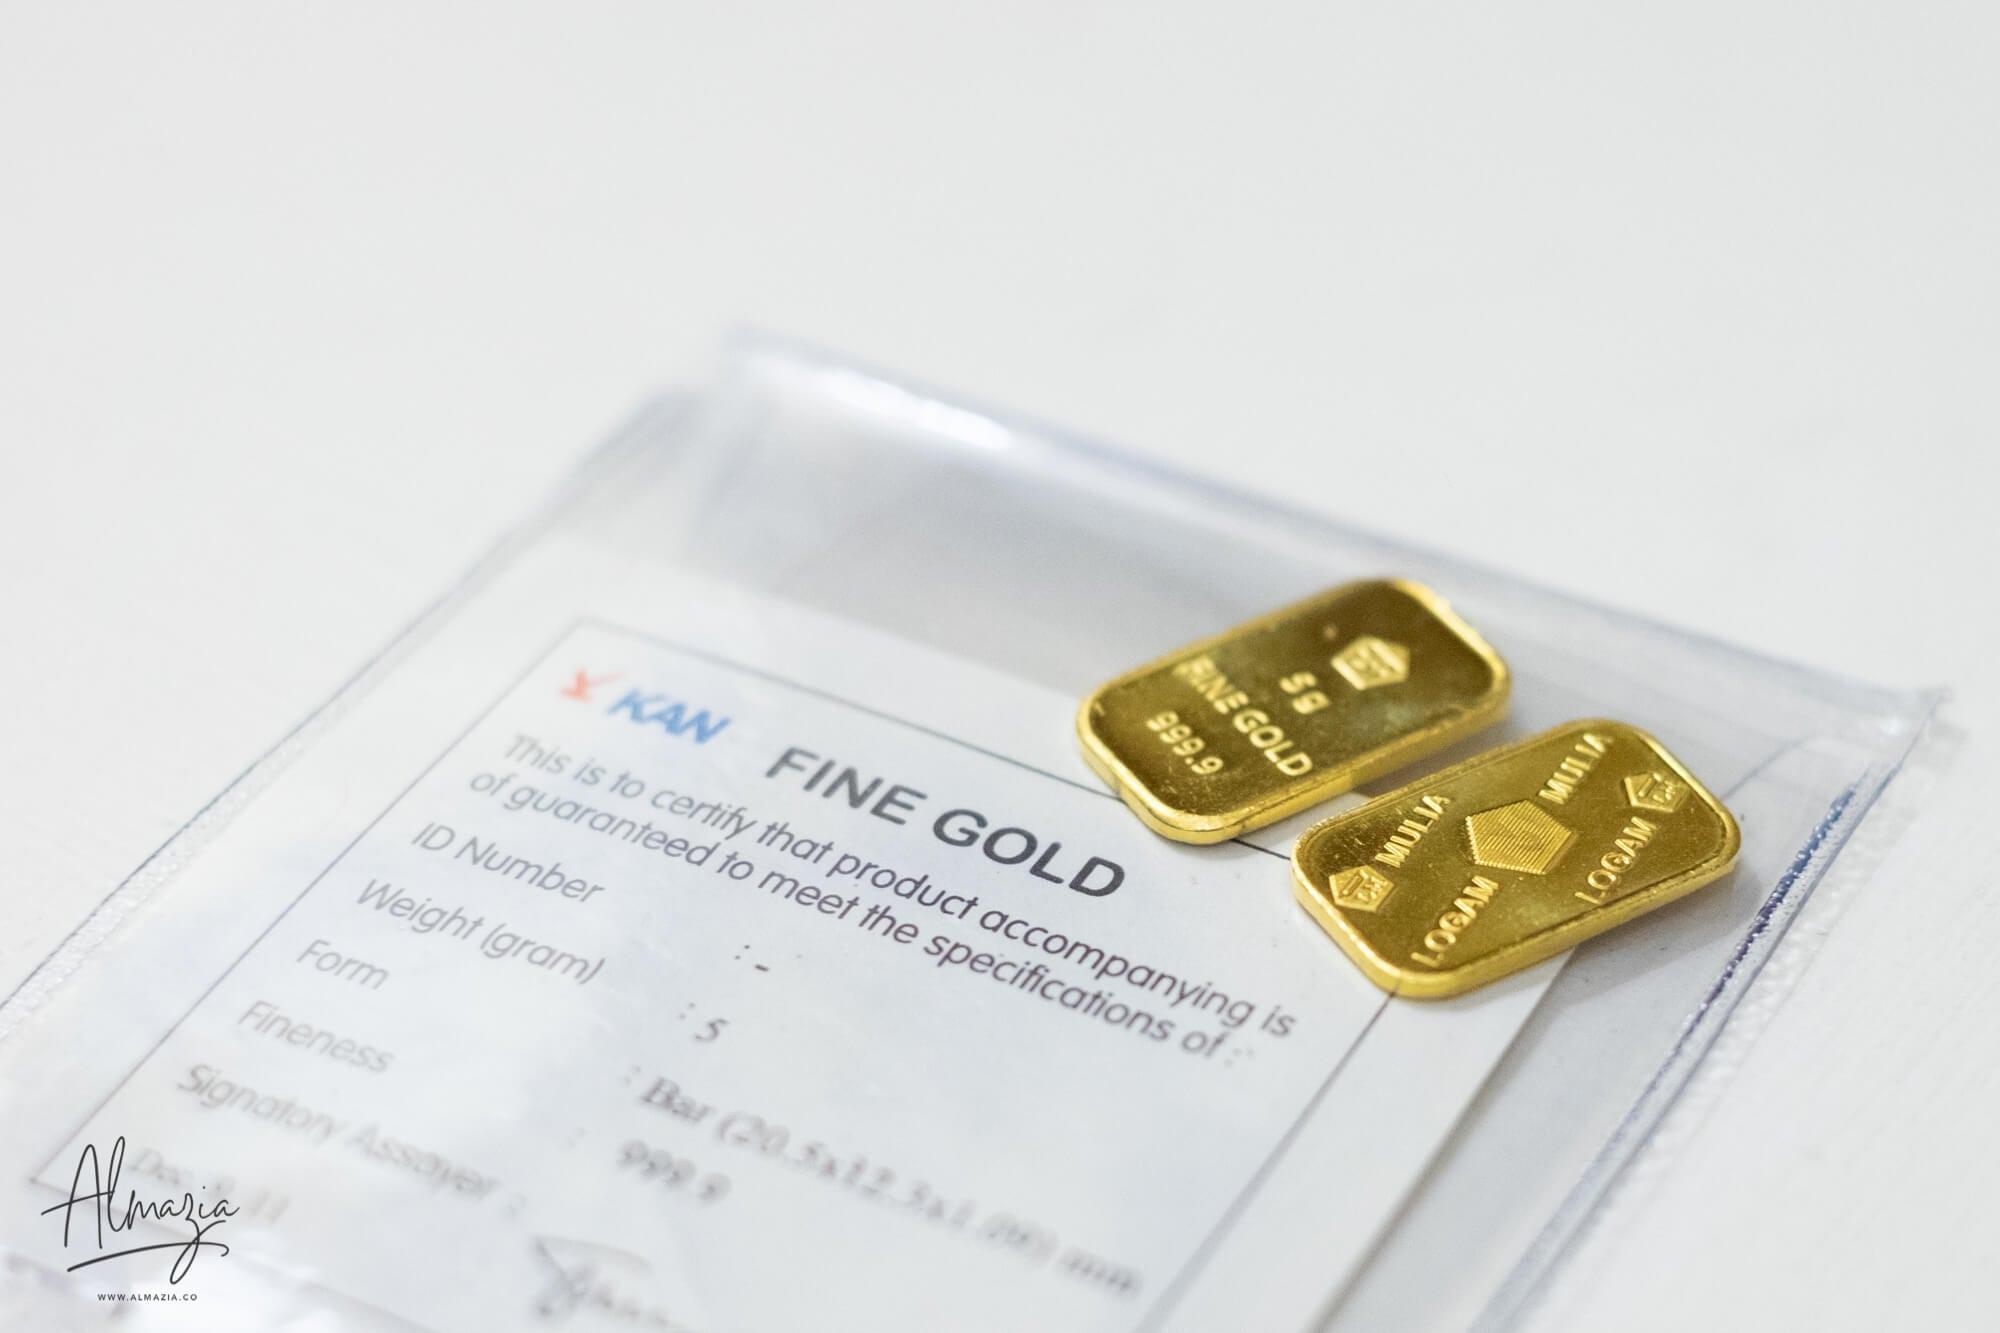 Bagaimanakah Hukum Membeli Emas yang Tidak Diserahkan di Konter Penjualan?